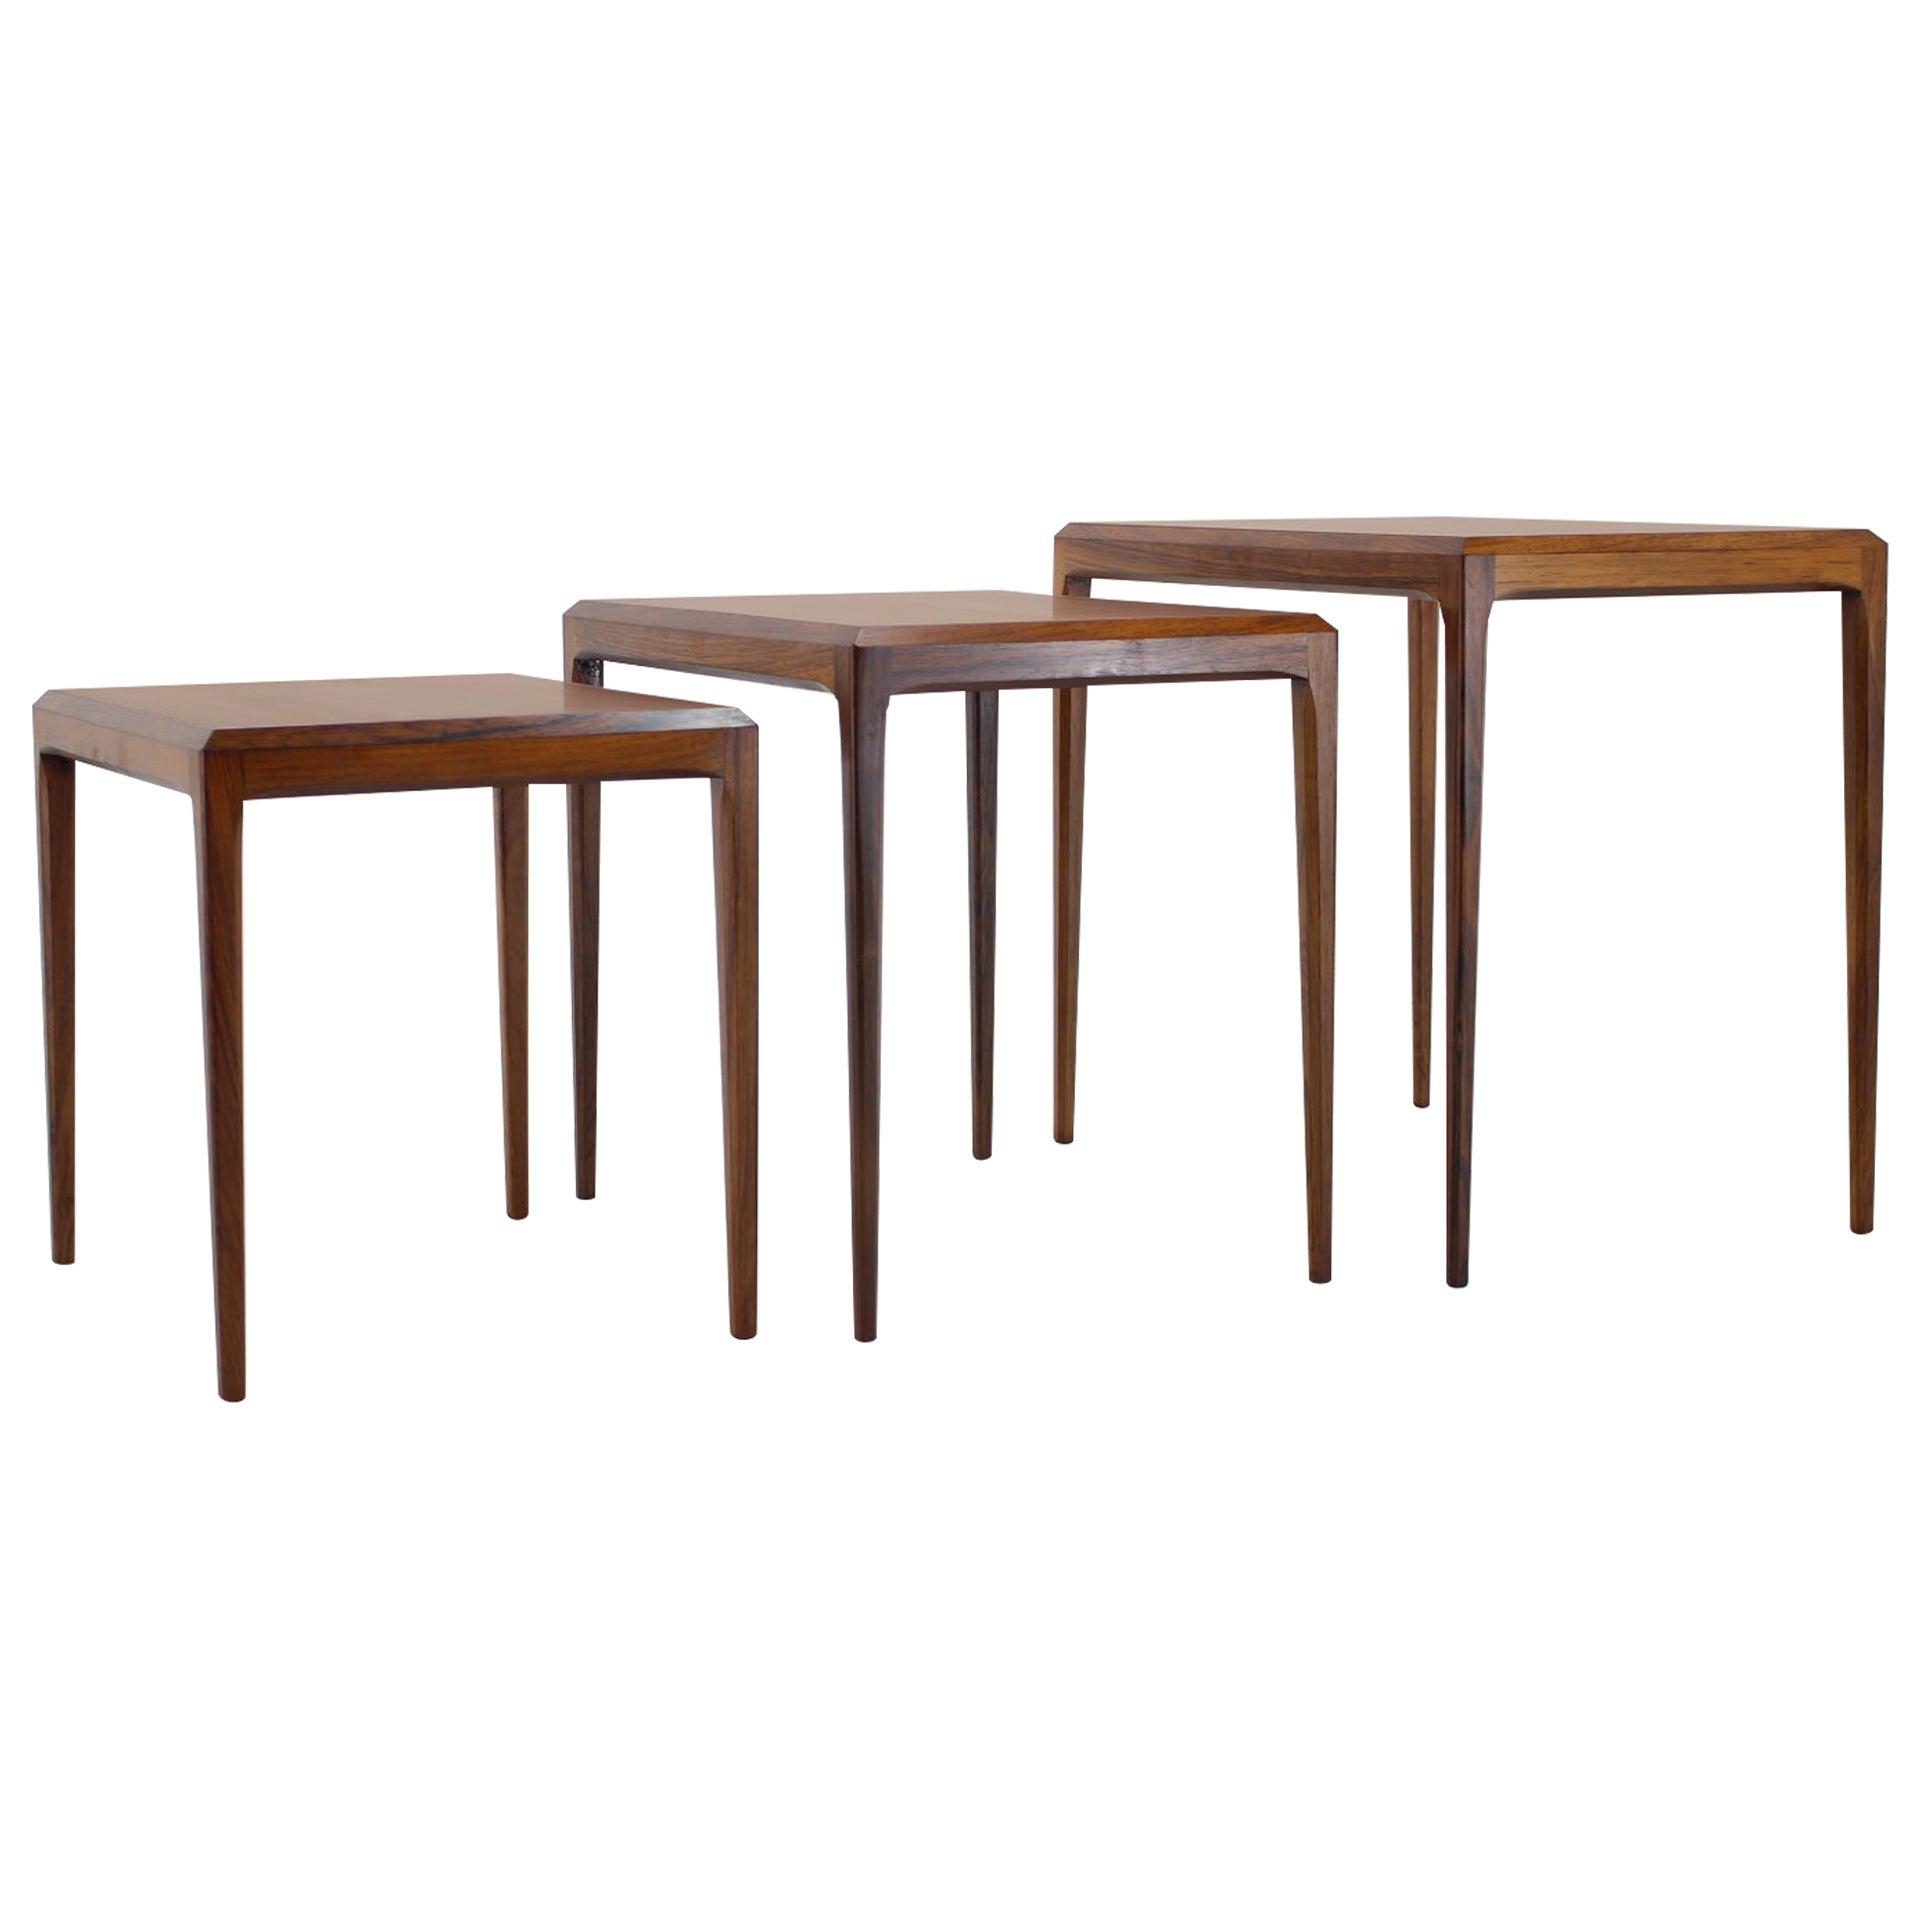 1960s Johannes Andersen Rosewood Nesting Tables for CFC Christensen of Silkeborg